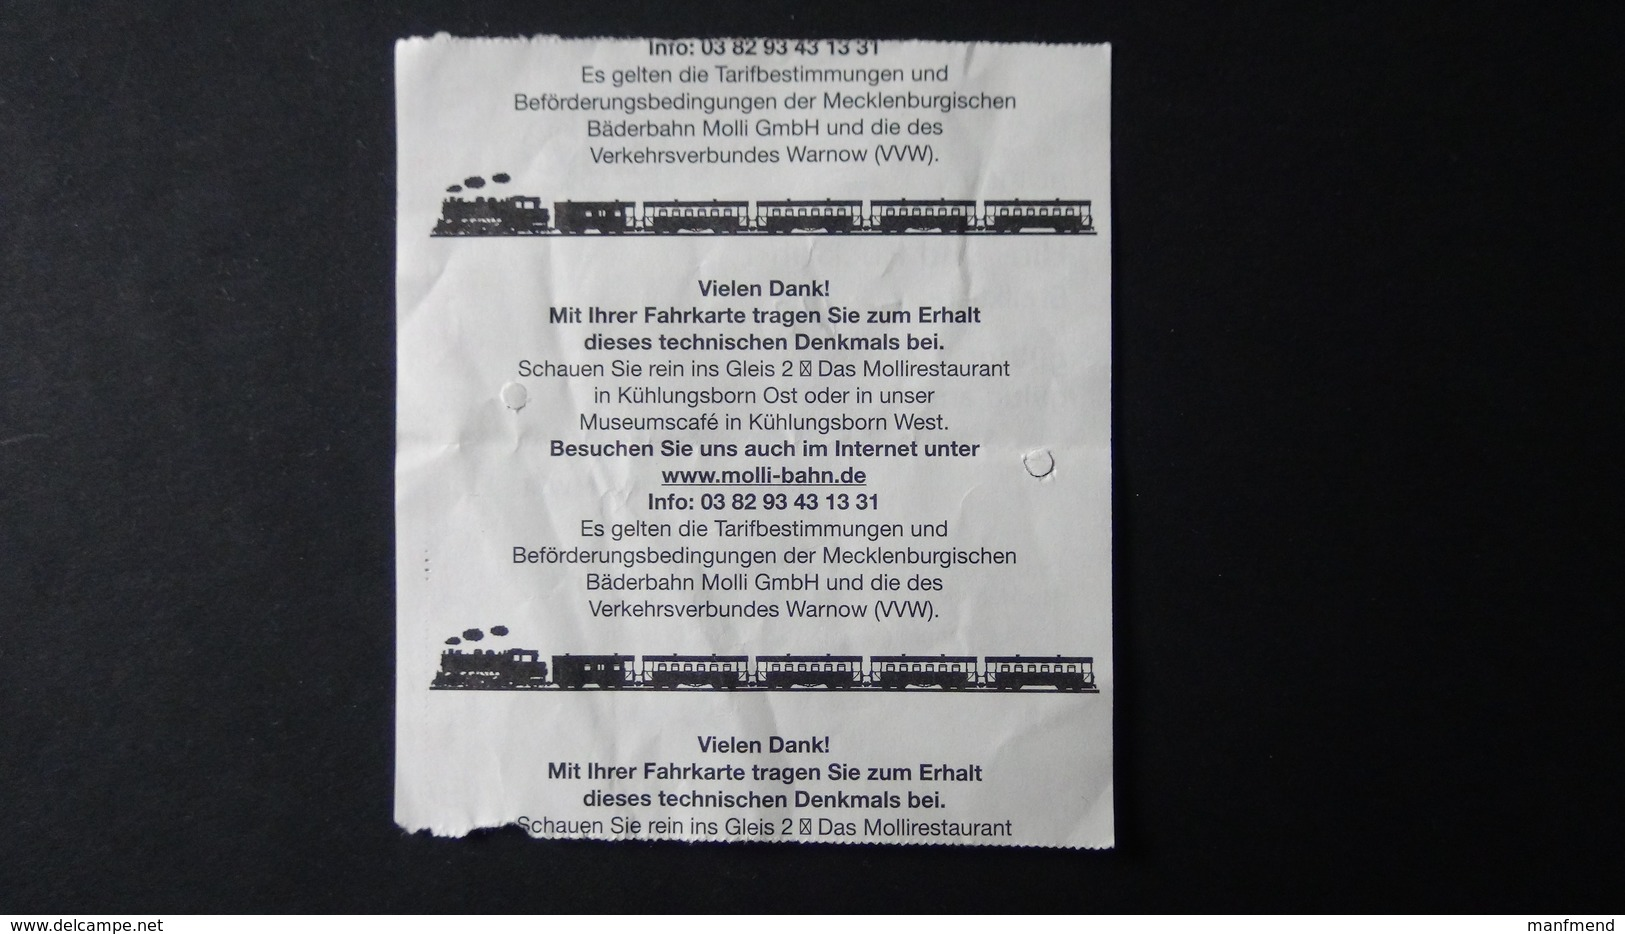 Germany - Ticket - Mecklenburgische Bäderbahn MOLLI GmbH - Steilküste-Bad Doberan - Spoorwegen